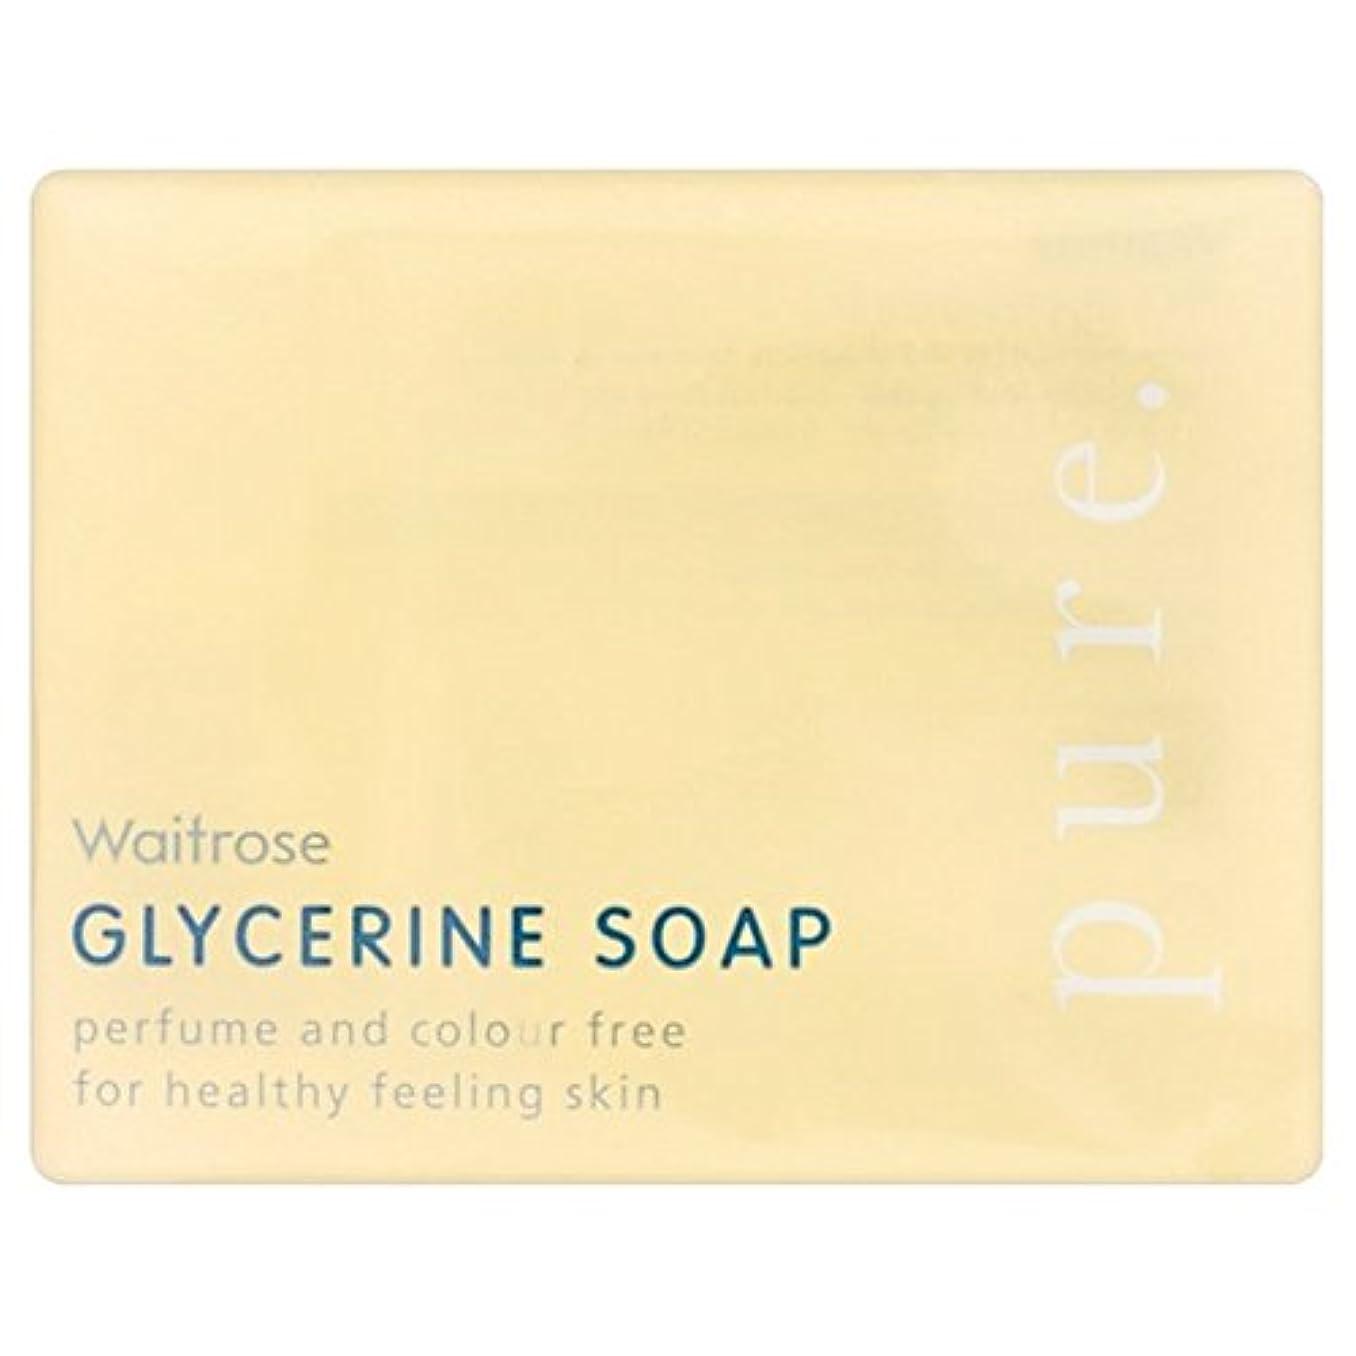 迅速有料基準純粋なグリセリンソープウェイトローズの100グラム x4 - Pure Glycerine Soap Waitrose 100g (Pack of 4) [並行輸入品]